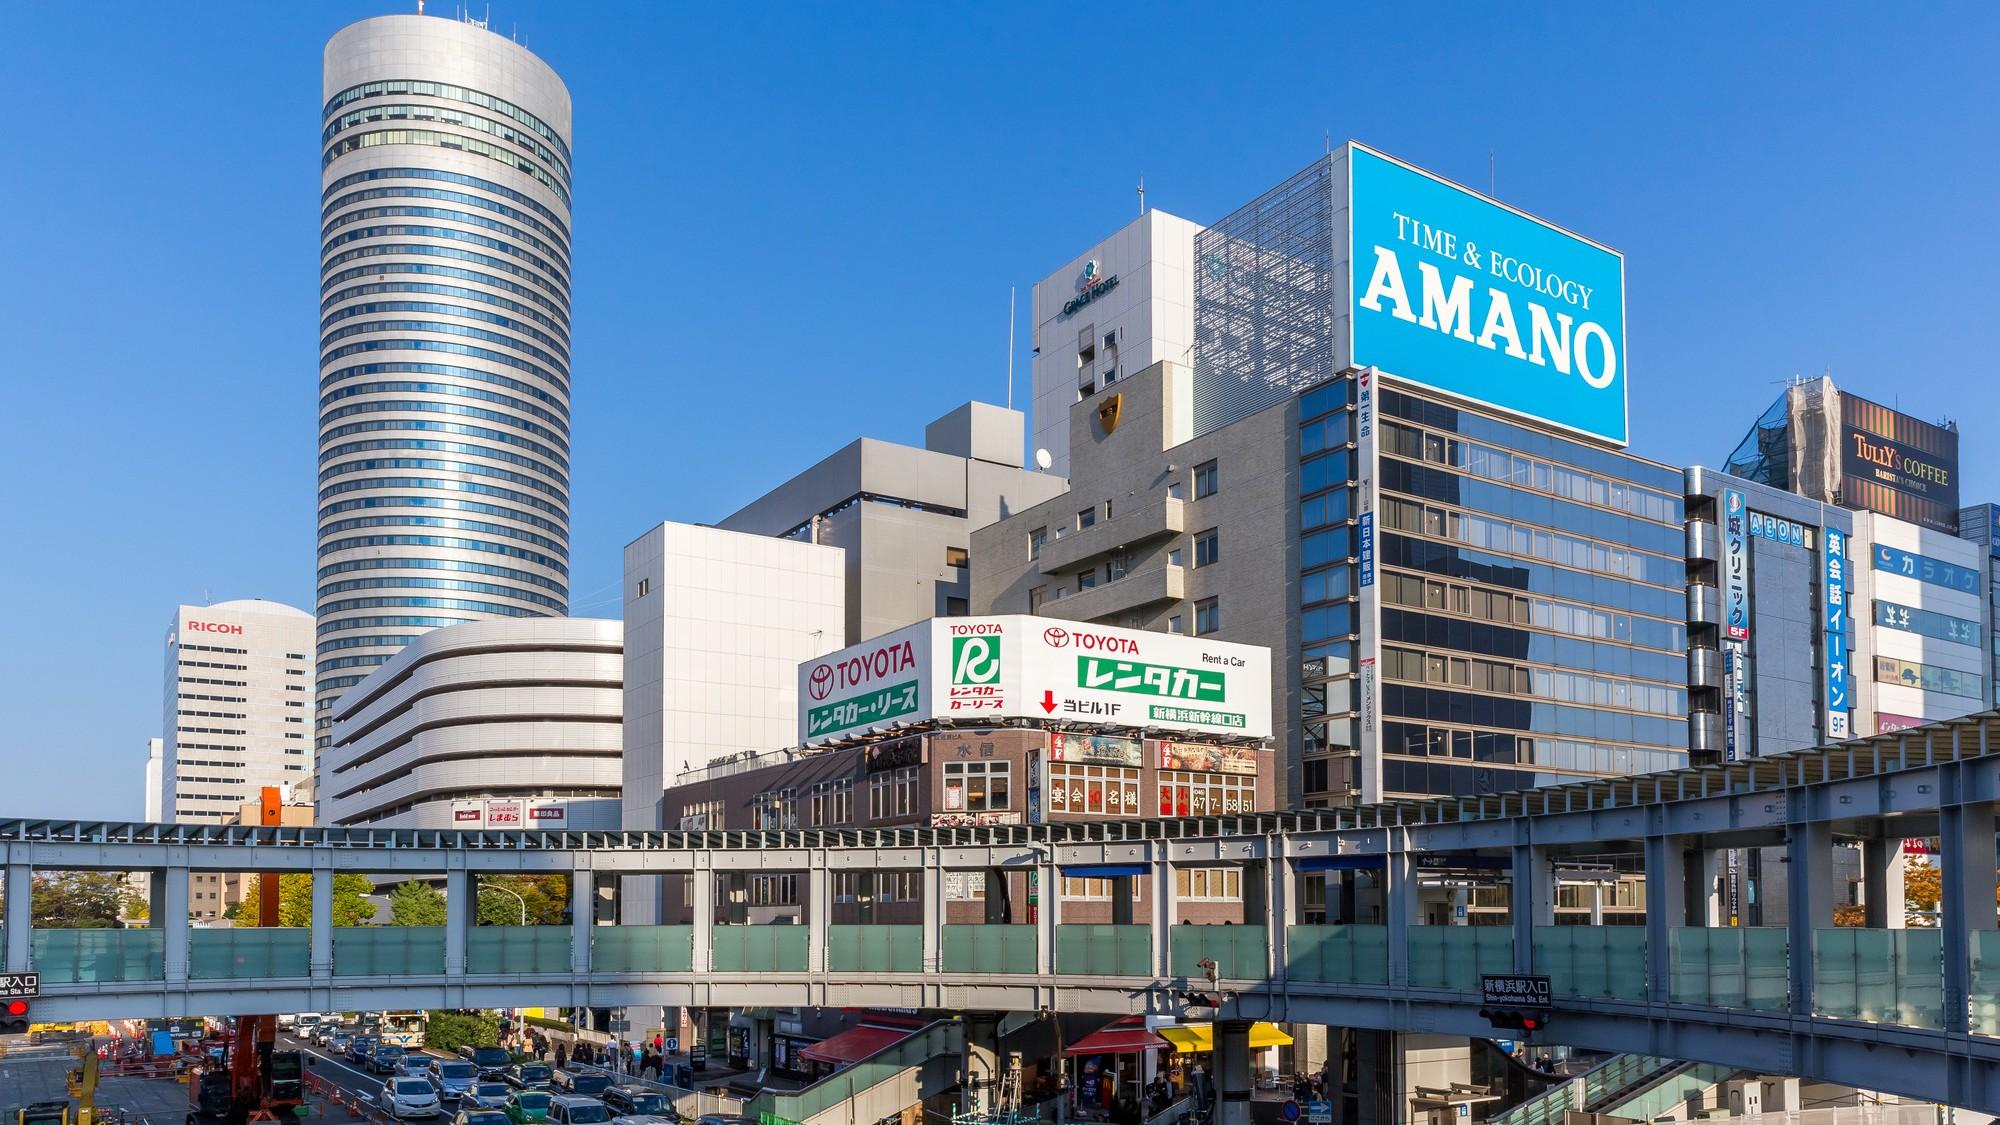 ラブホテル街から、オフィス街へ「新横浜」のリアルな住み心地